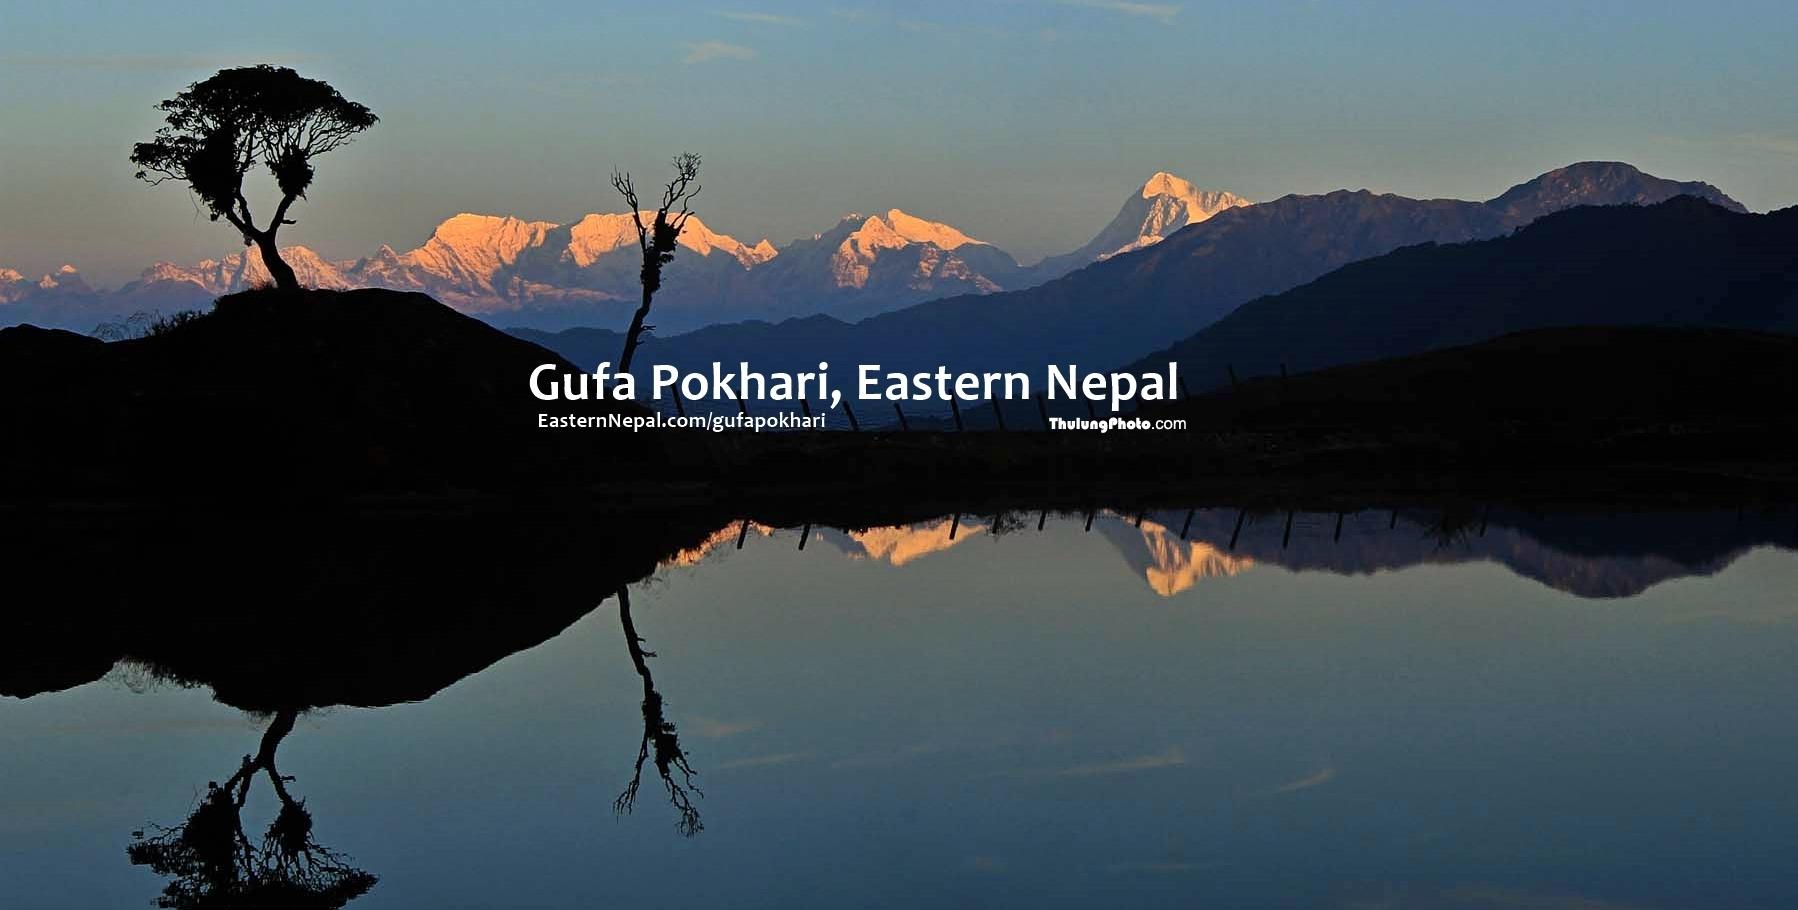 Gufa Pokhari Eastern Nepal